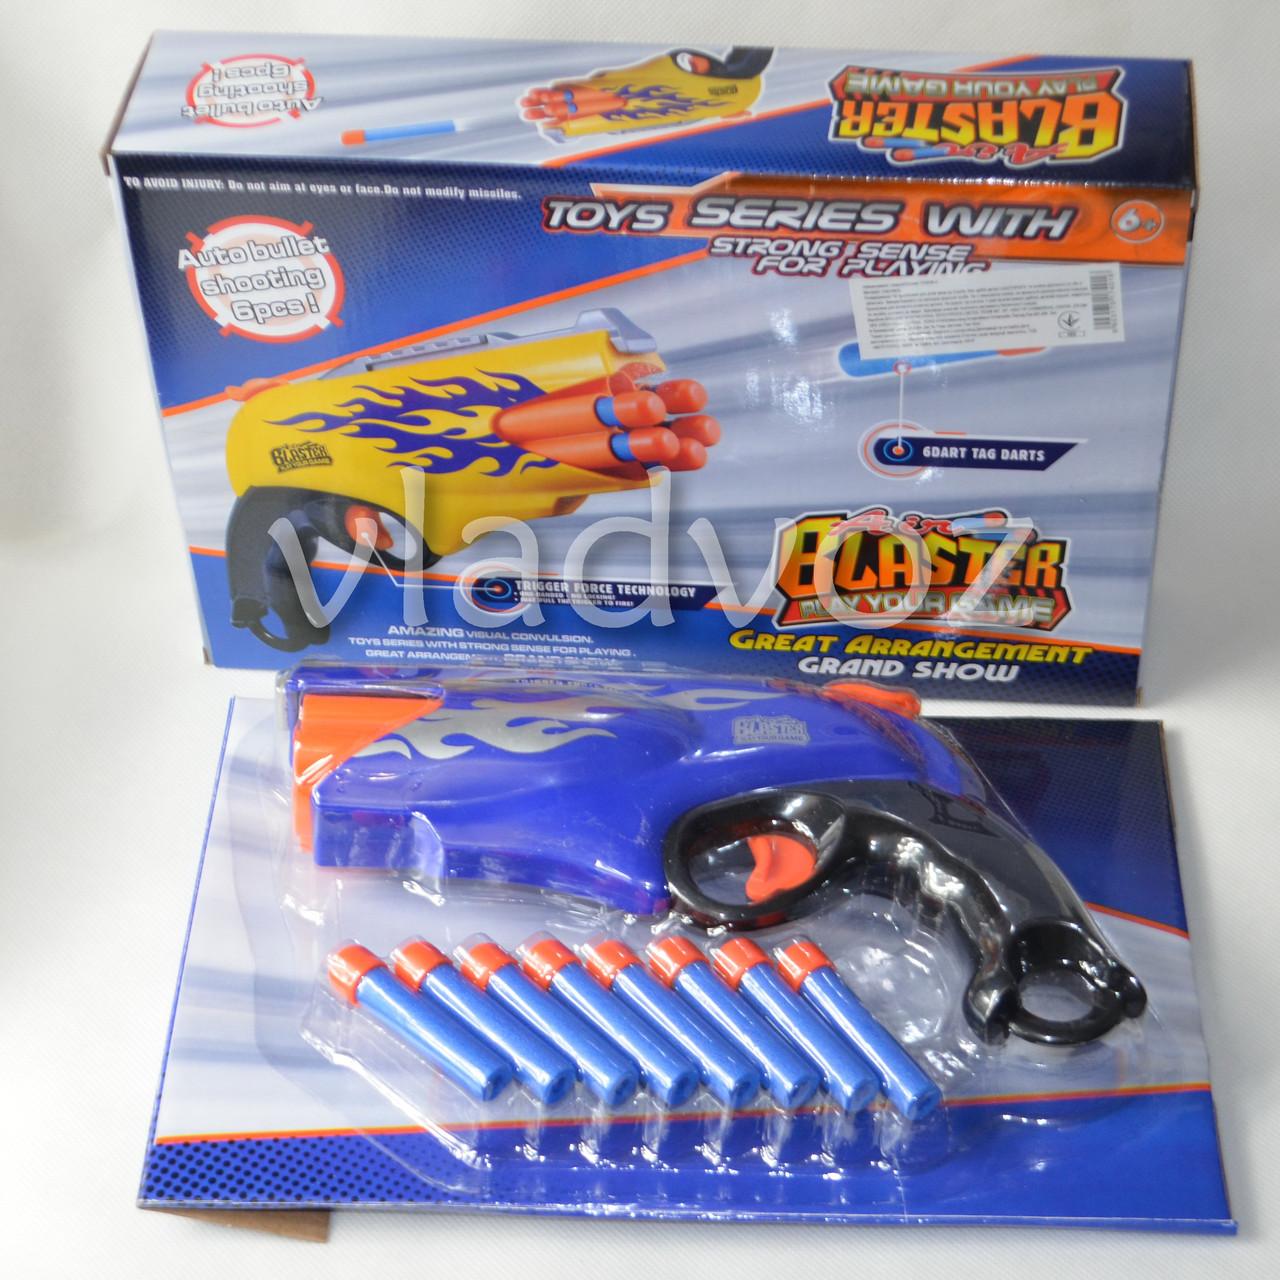 Фото детского пистолета бластера с патронами присосками синий Blaster вид с переди